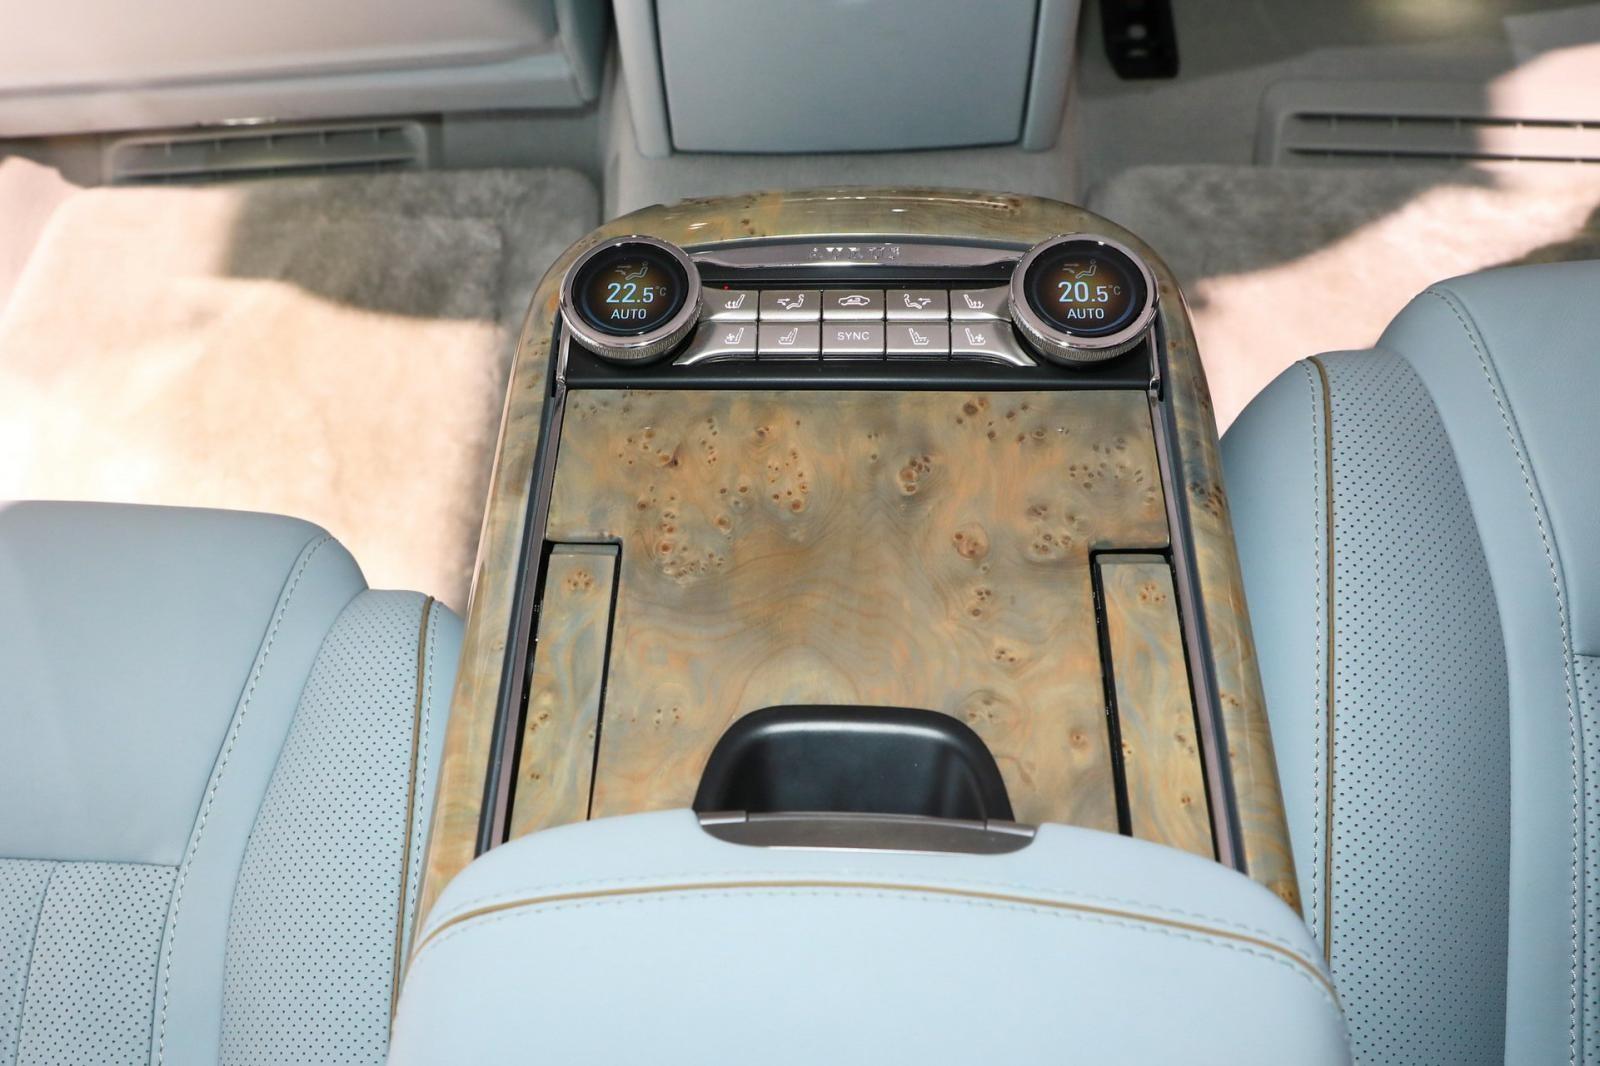 Cụm điều khiển trung tâm giữa hàng ghế sau